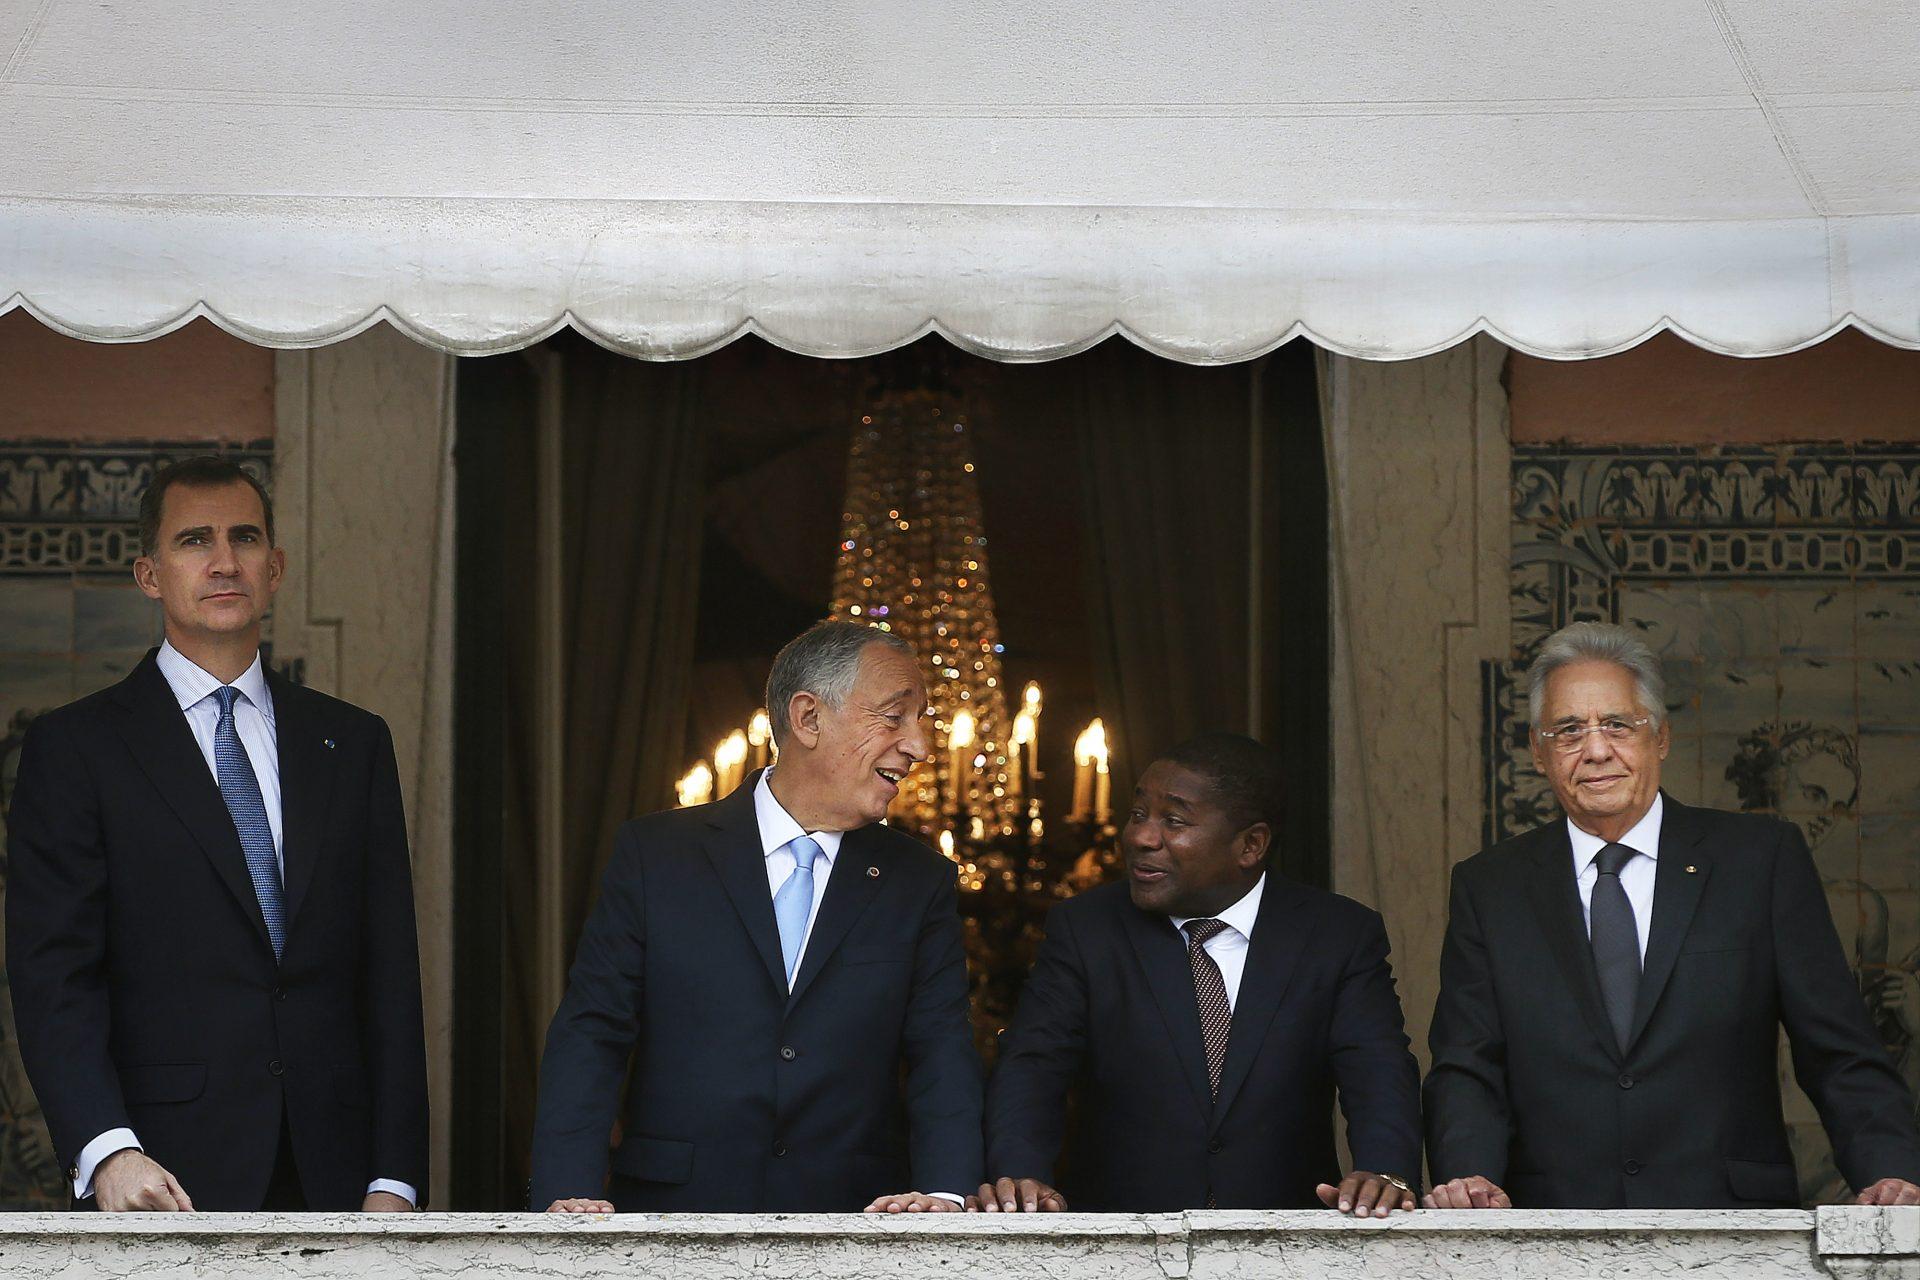 O novo Presidente de Portugal, Marcelo Rebelo de Sousa (2-E), acompanhado pelo rei da Espanha, Filipe VI (E), pelo Presidente de Moçambique Filipe Nyusi (2-R) e pelo ex-Presidente do Brasil, Fernando Henrique Cardoso (D) na varanda do Palácio de Belém, após sua cerimónia de tomada de posse no Parlamento Português, em Lisboa, Portugal, 09 de março de 2016. MARIO CRUZ / LUSA